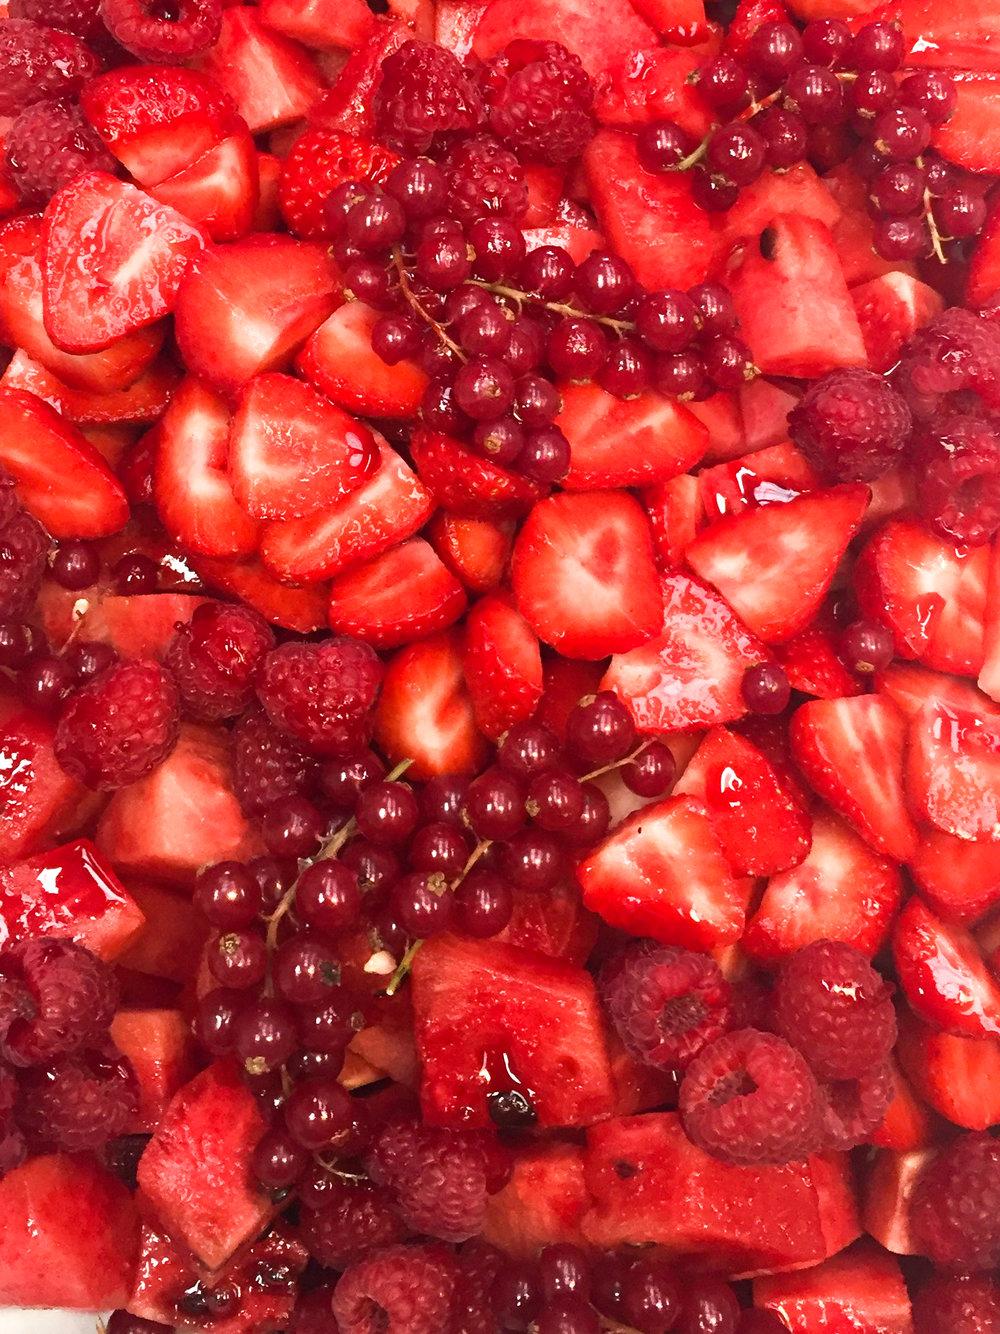 Summertime Red Fruit Salad